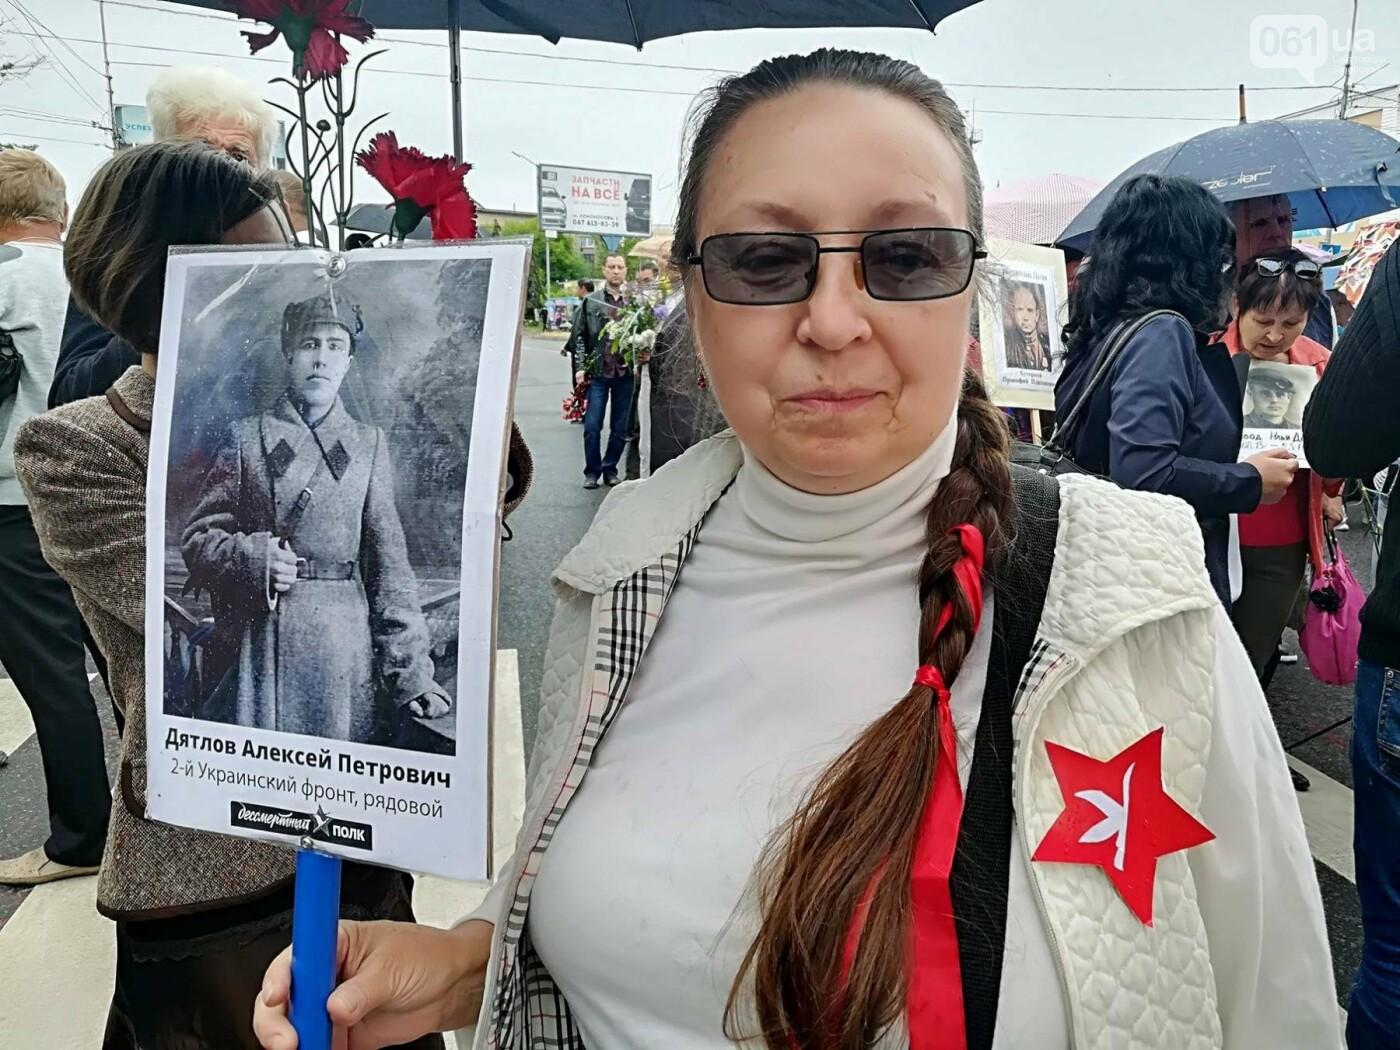 В Мелитополе митинг Балицкого закончился дракой - полиция просила снять георгиевские ленты, - ФОТО, ВИДЕО, фото-1